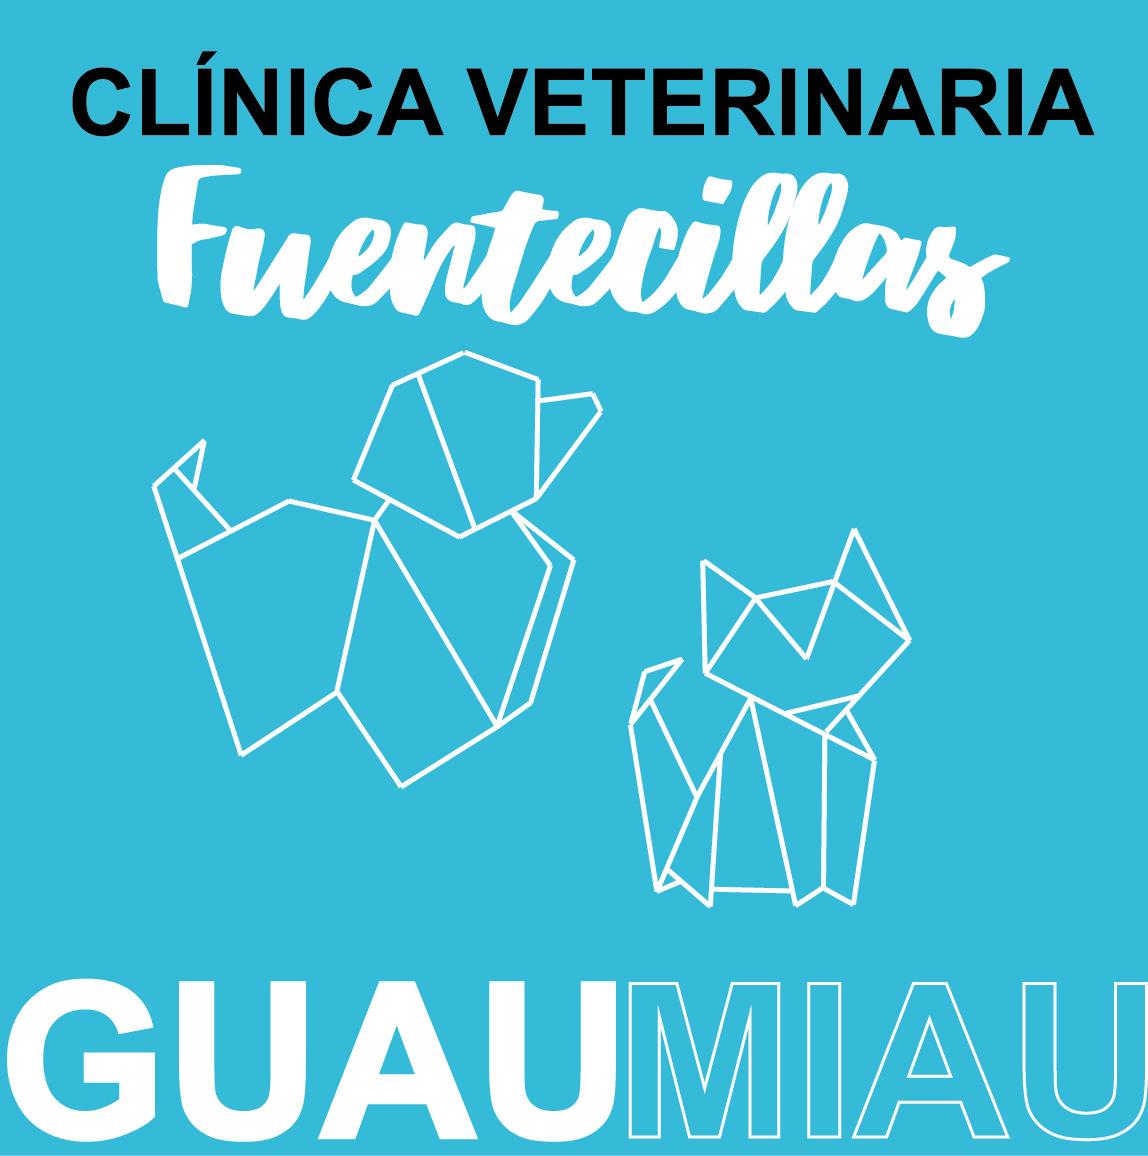 Clinica Veterinaria Fuentecillas